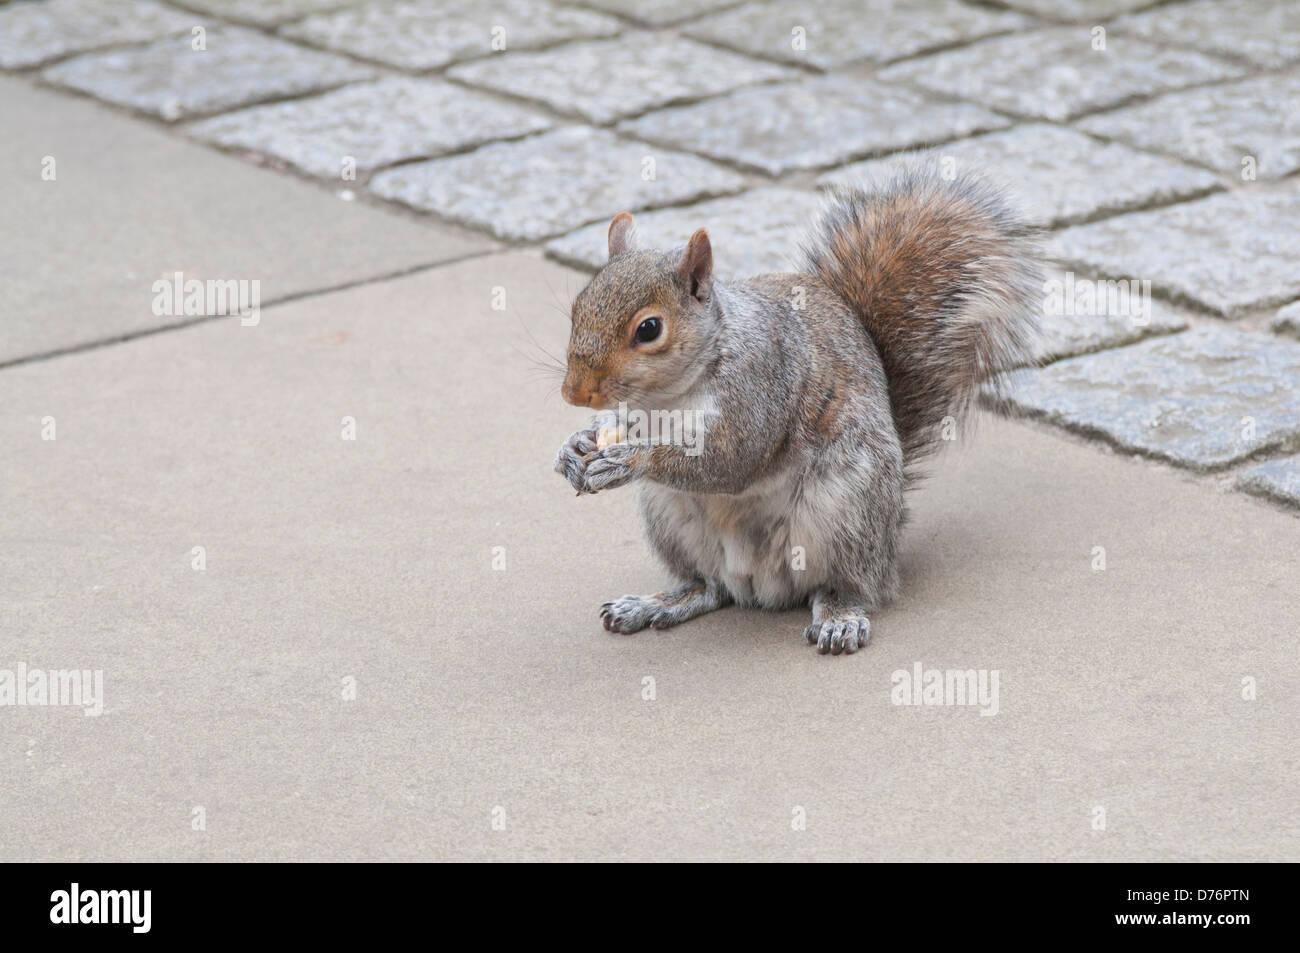 Zahme Grauhörnchen Essen ein Keks im Stadtpark Stockbild